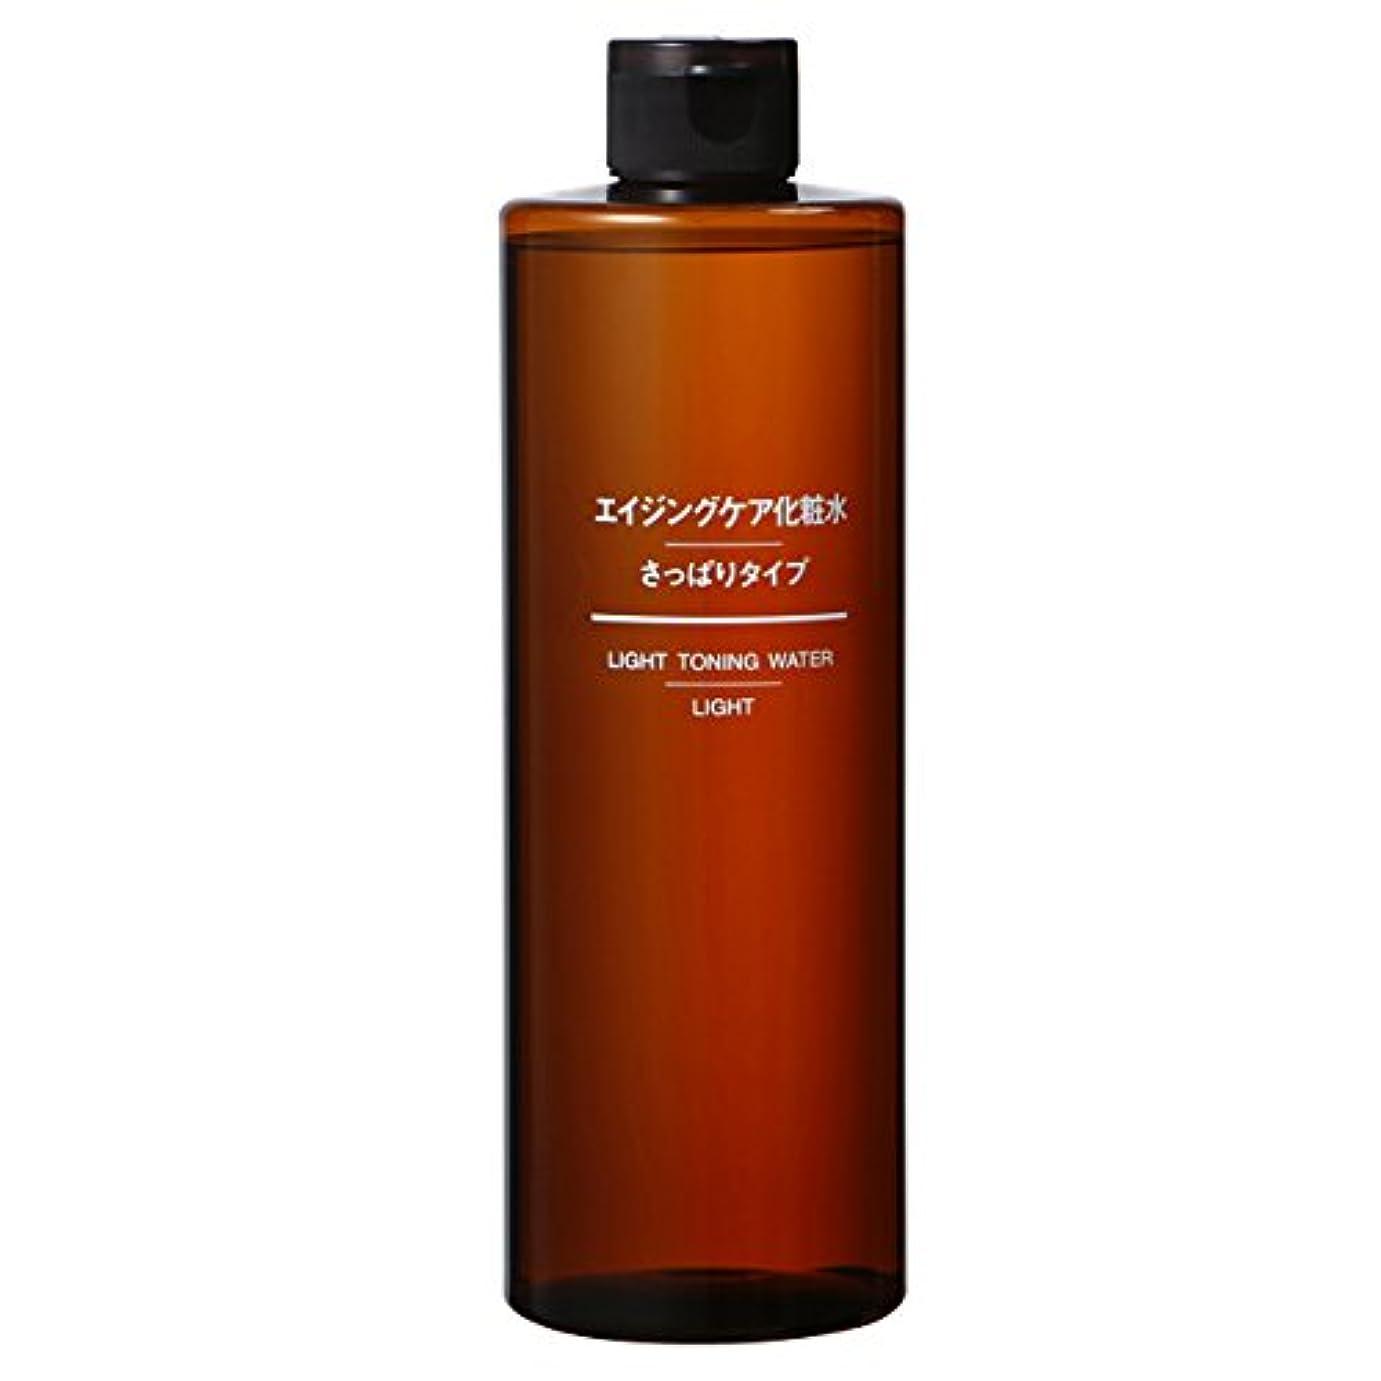 ドールスペース進化する無印良品 エイジングケア化粧水?さっぱりタイプ(大容量) 400ml